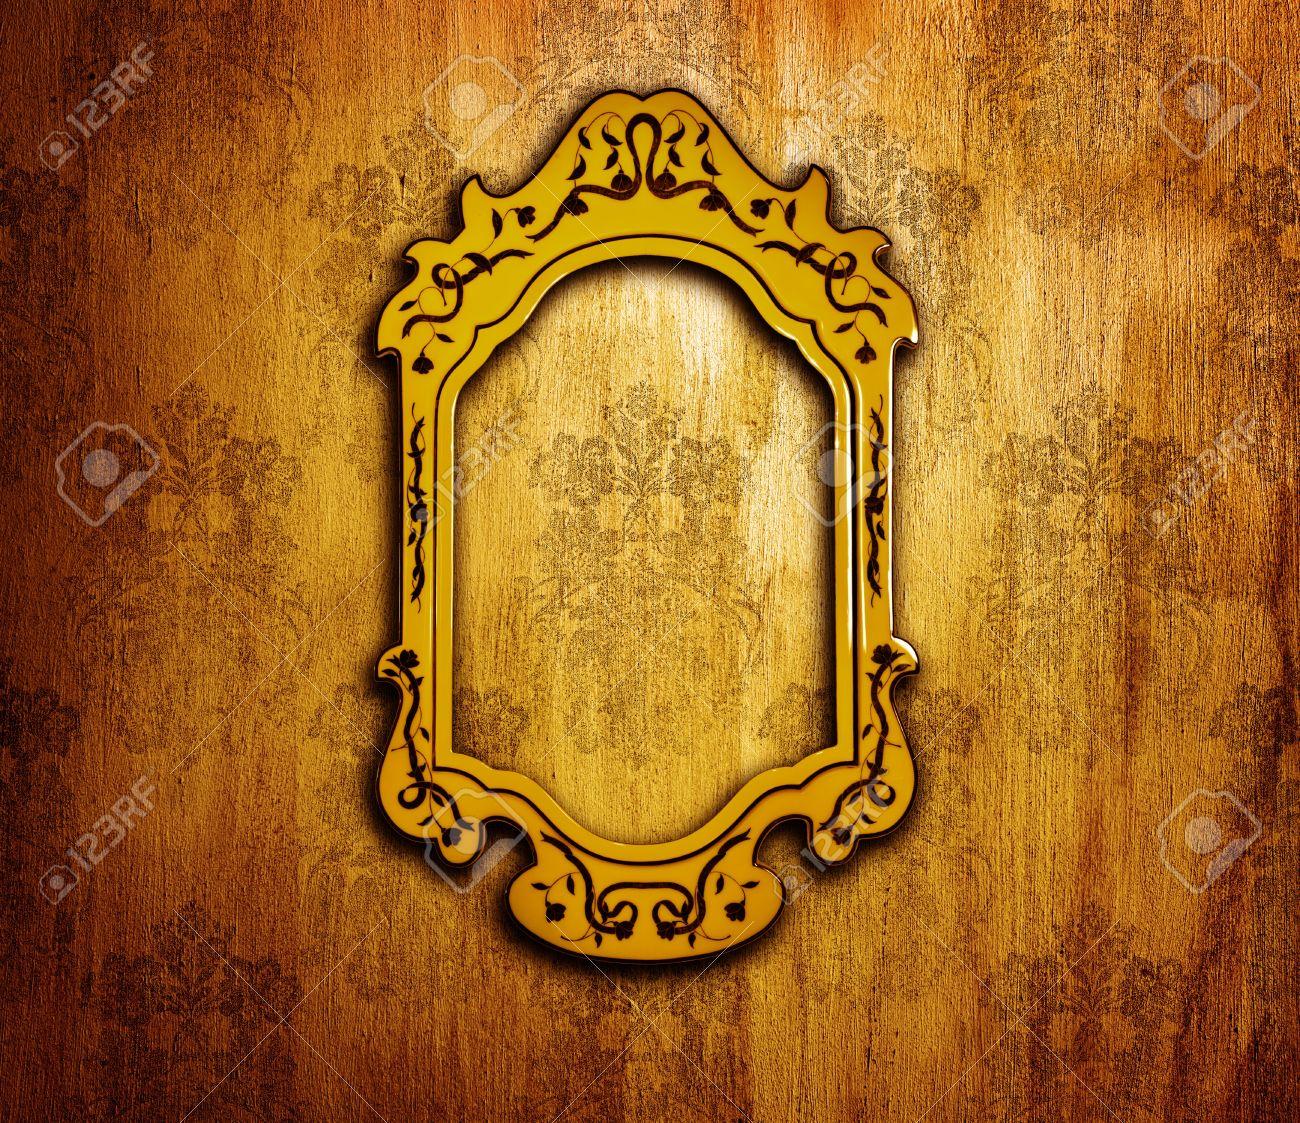 Vintage Diseño De Interiores, Marco De Espejo Antiguo De Oro En La ...